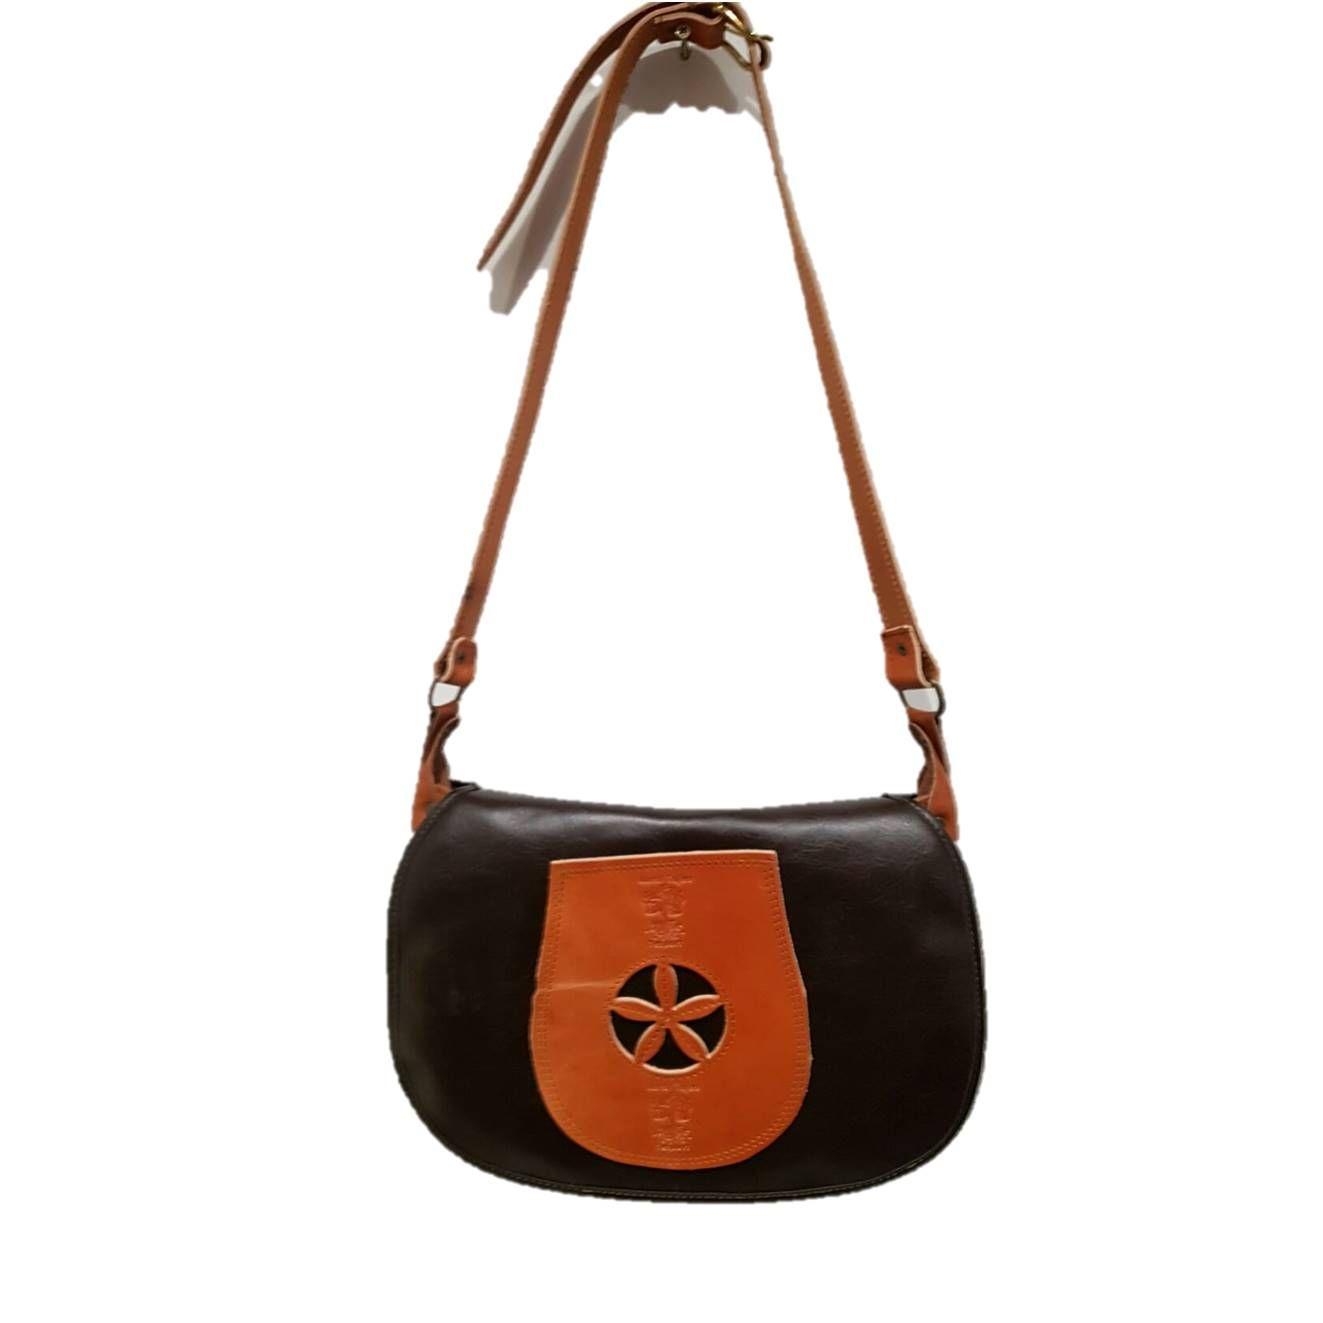 Morral trufero de piel artesanal con compartimentos y bolsillos: Tienda online de Artículos de Caza